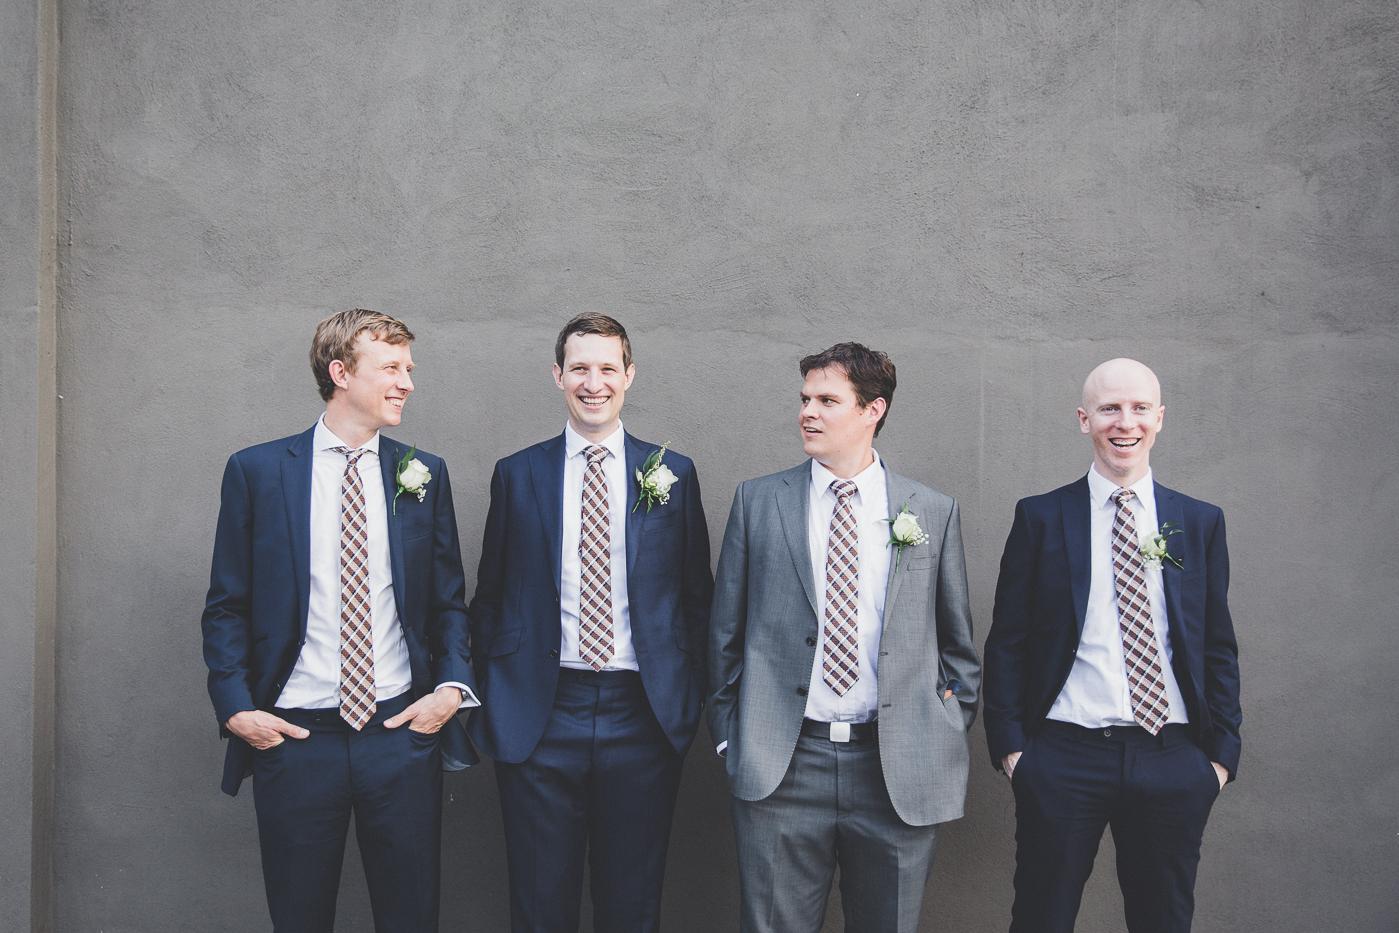 london-wedding-photographer-72.jpg